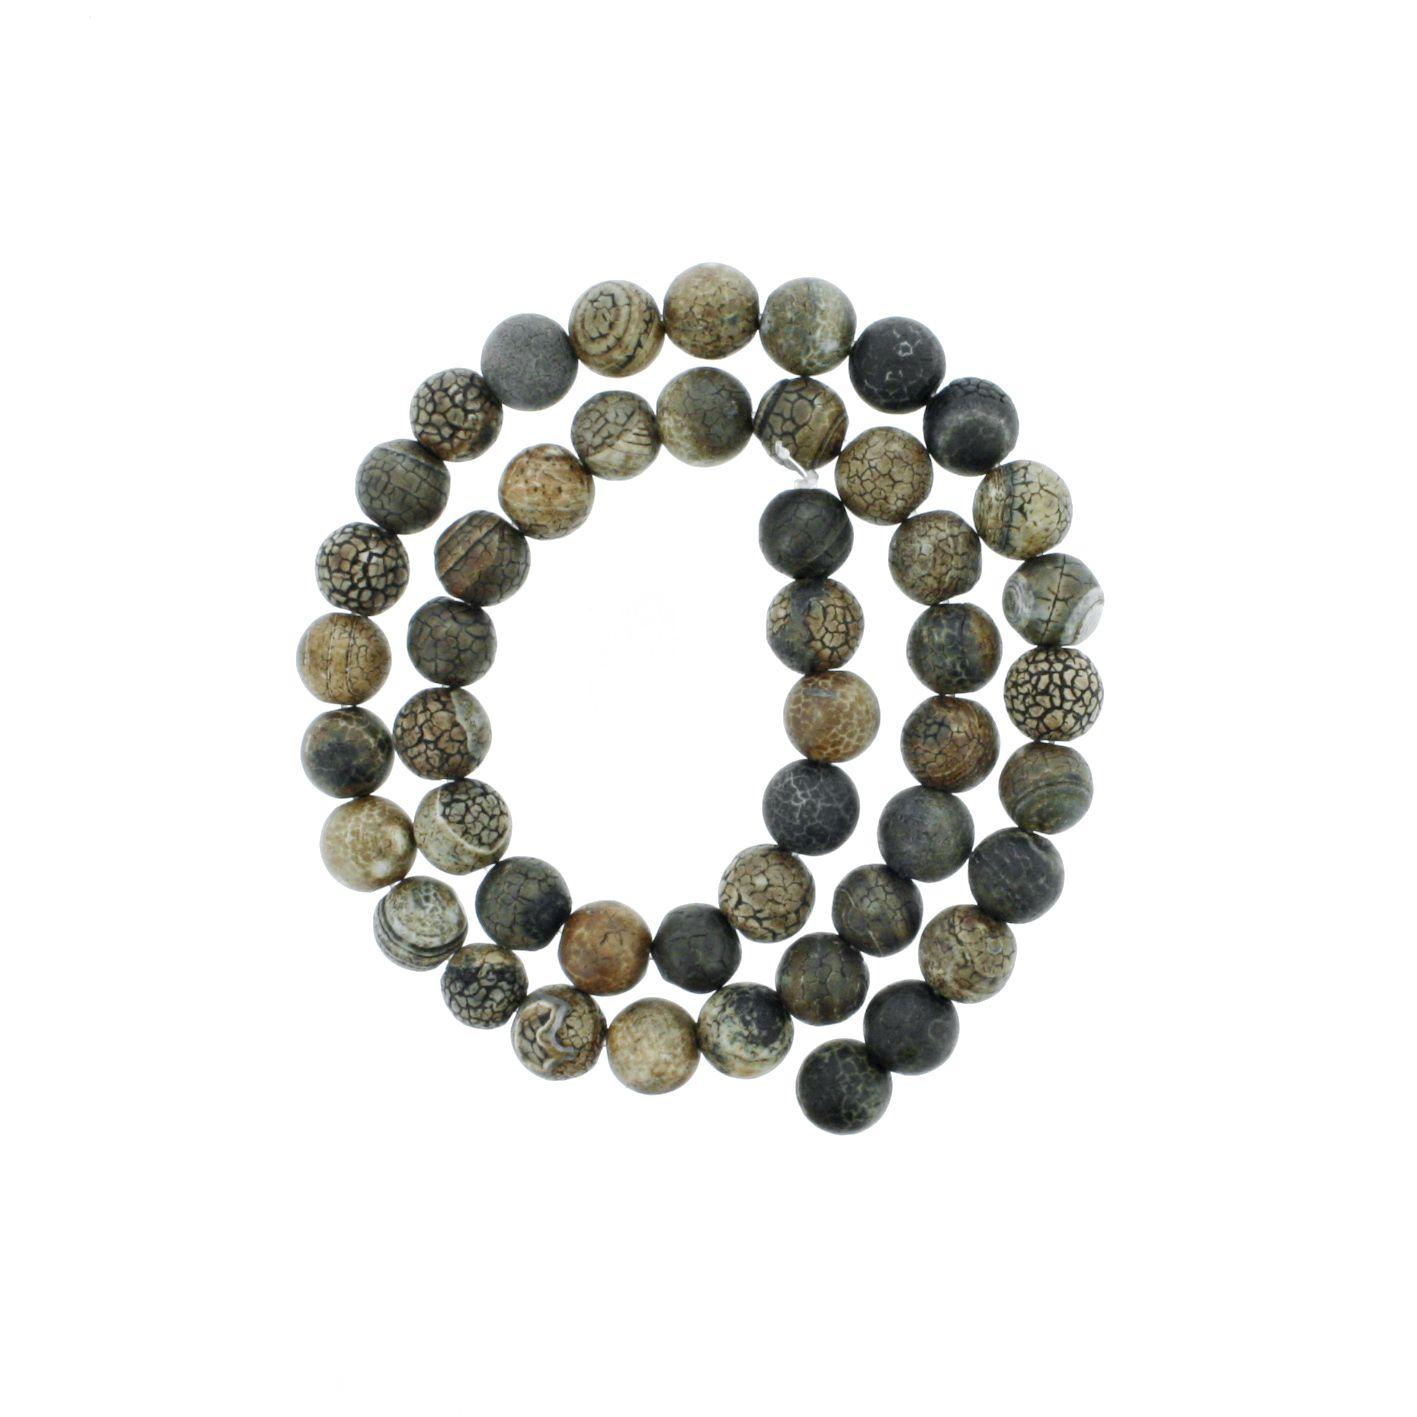 Fio de Pedra - Ágata Madeira - 8mm  - Stéphanie Bijoux® - Peças para Bijuterias e Artesanato